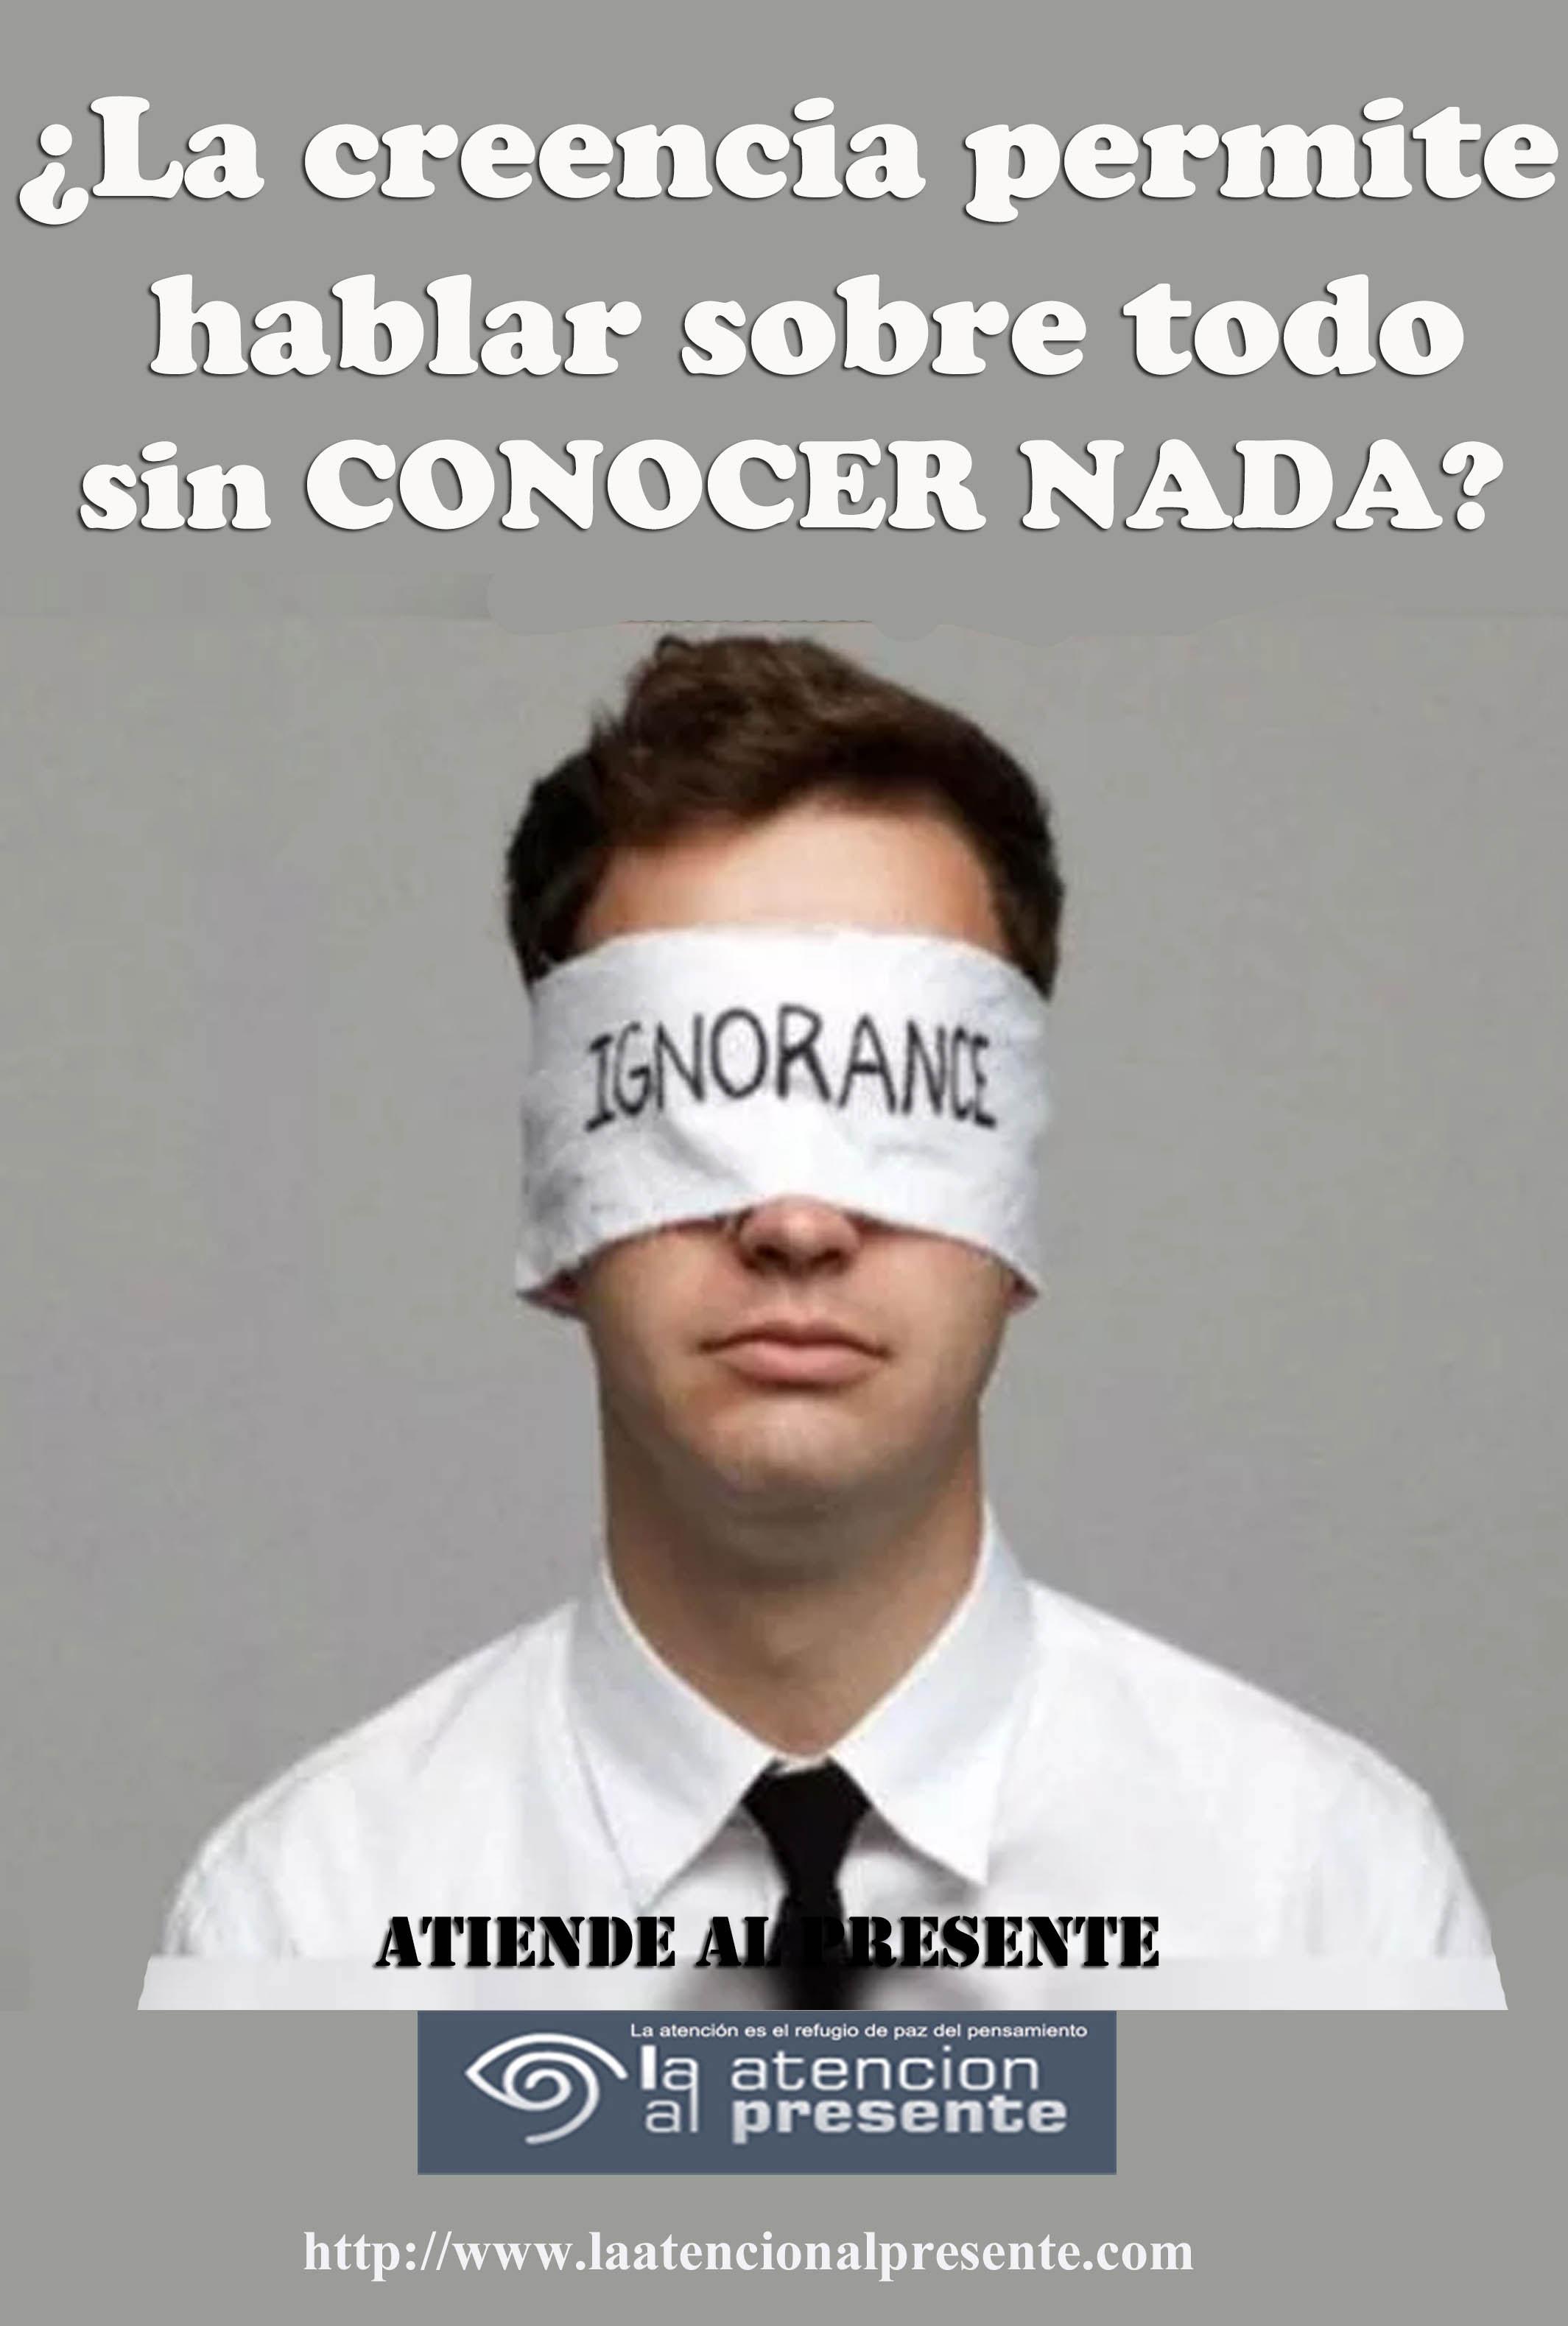 30 de junio Esteban La creencia permite hablar sobre todo sin CONOCER NADA